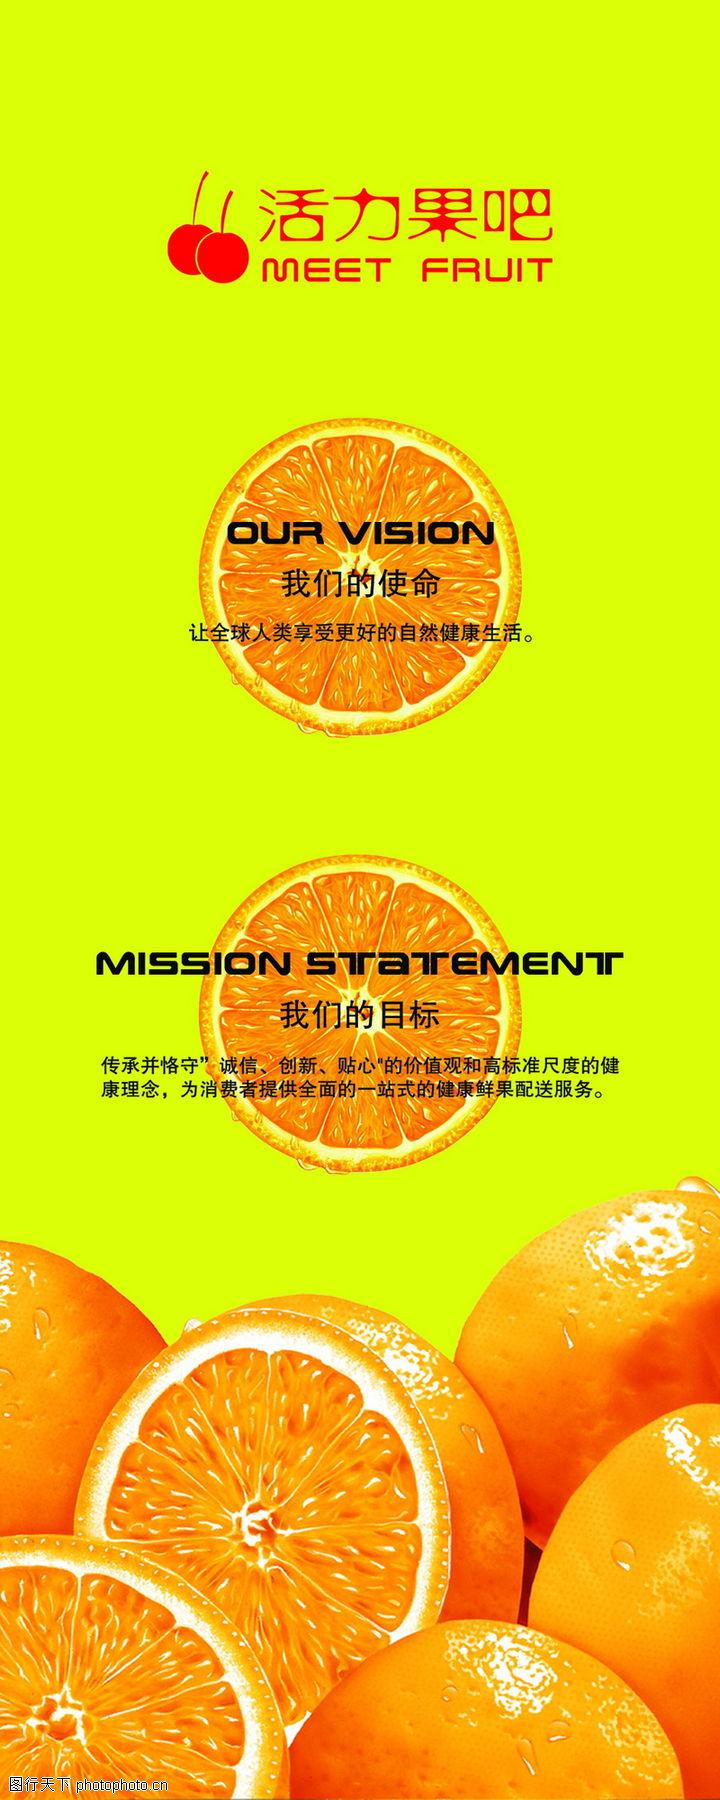 广告宣传单图片_餐饮0015-行业平面模板图-行业平面模板图库-鲜橙 橙汁 柳橙 柠檬 ...